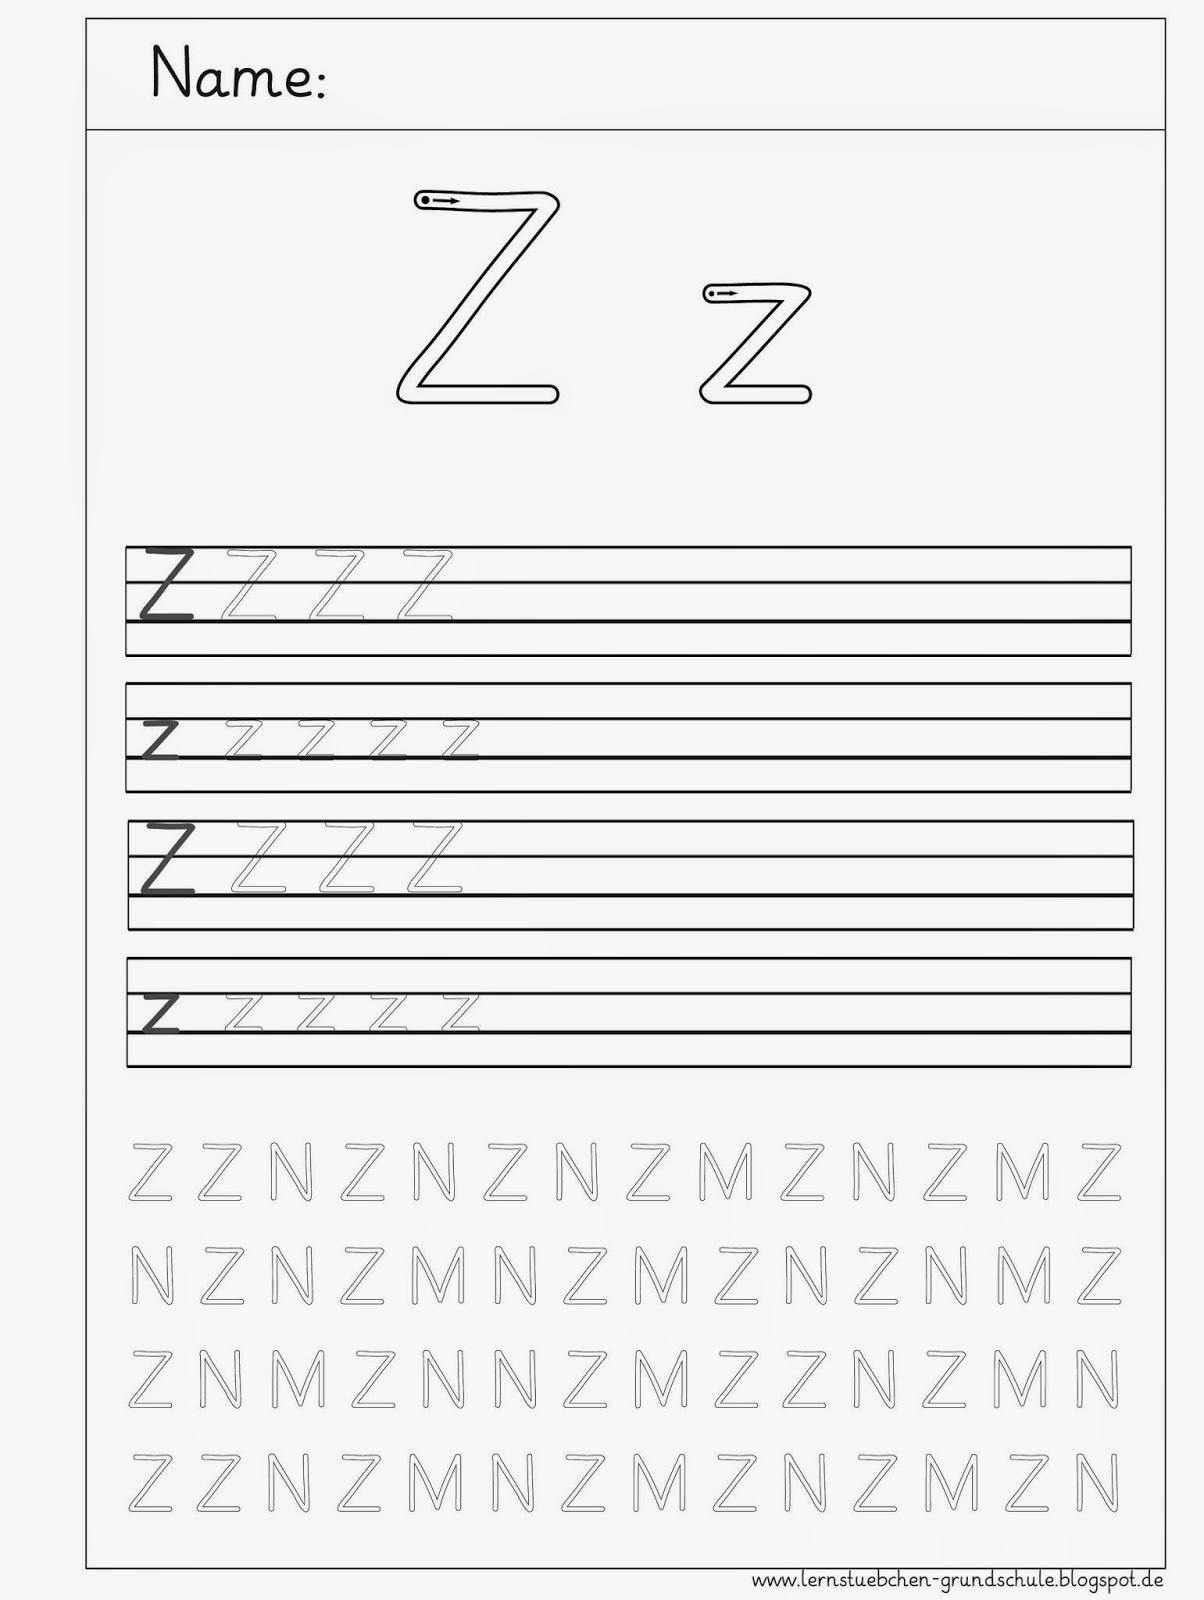 Arbeitsblätter Buchstabe S : Lernstübchen z schreibblätter